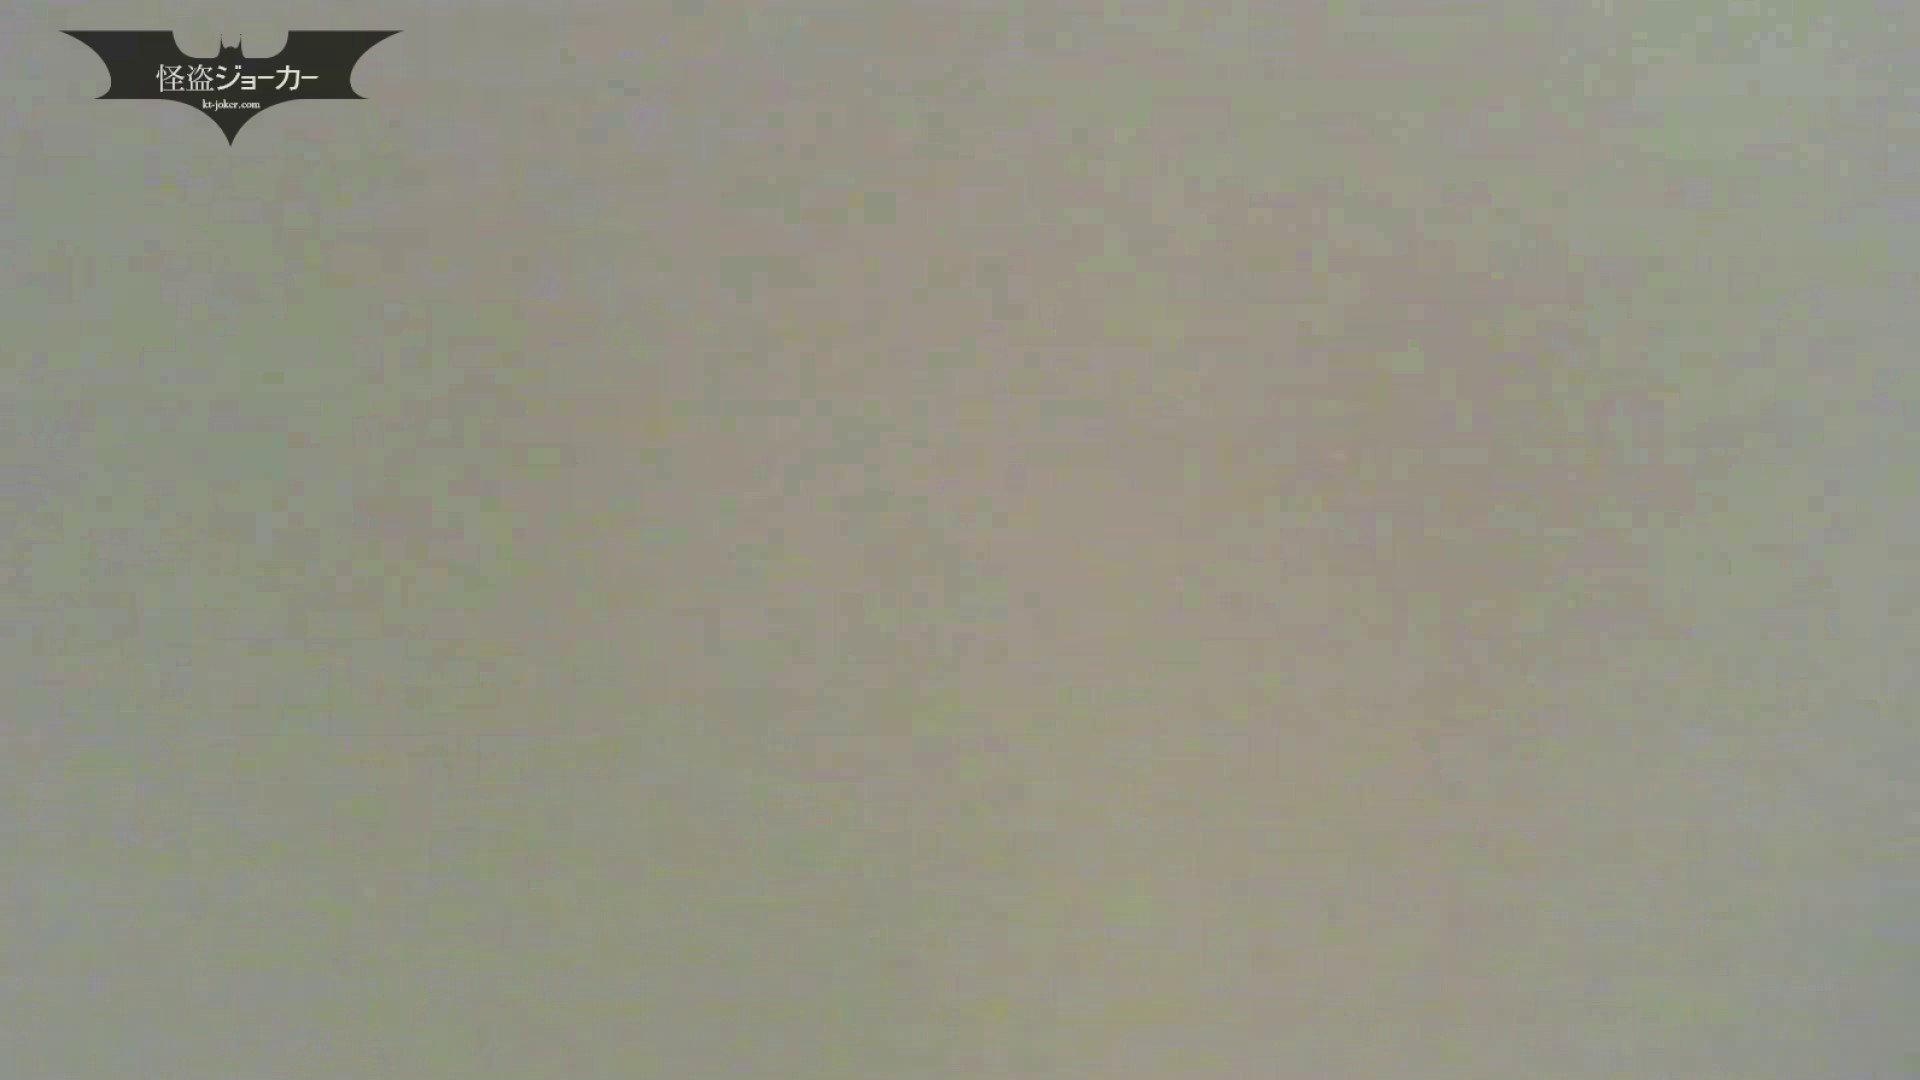 夏の思い出浜辺トイレ盗撮Vol.10 盗撮で悶絶 ワレメ動画紹介 55画像 40